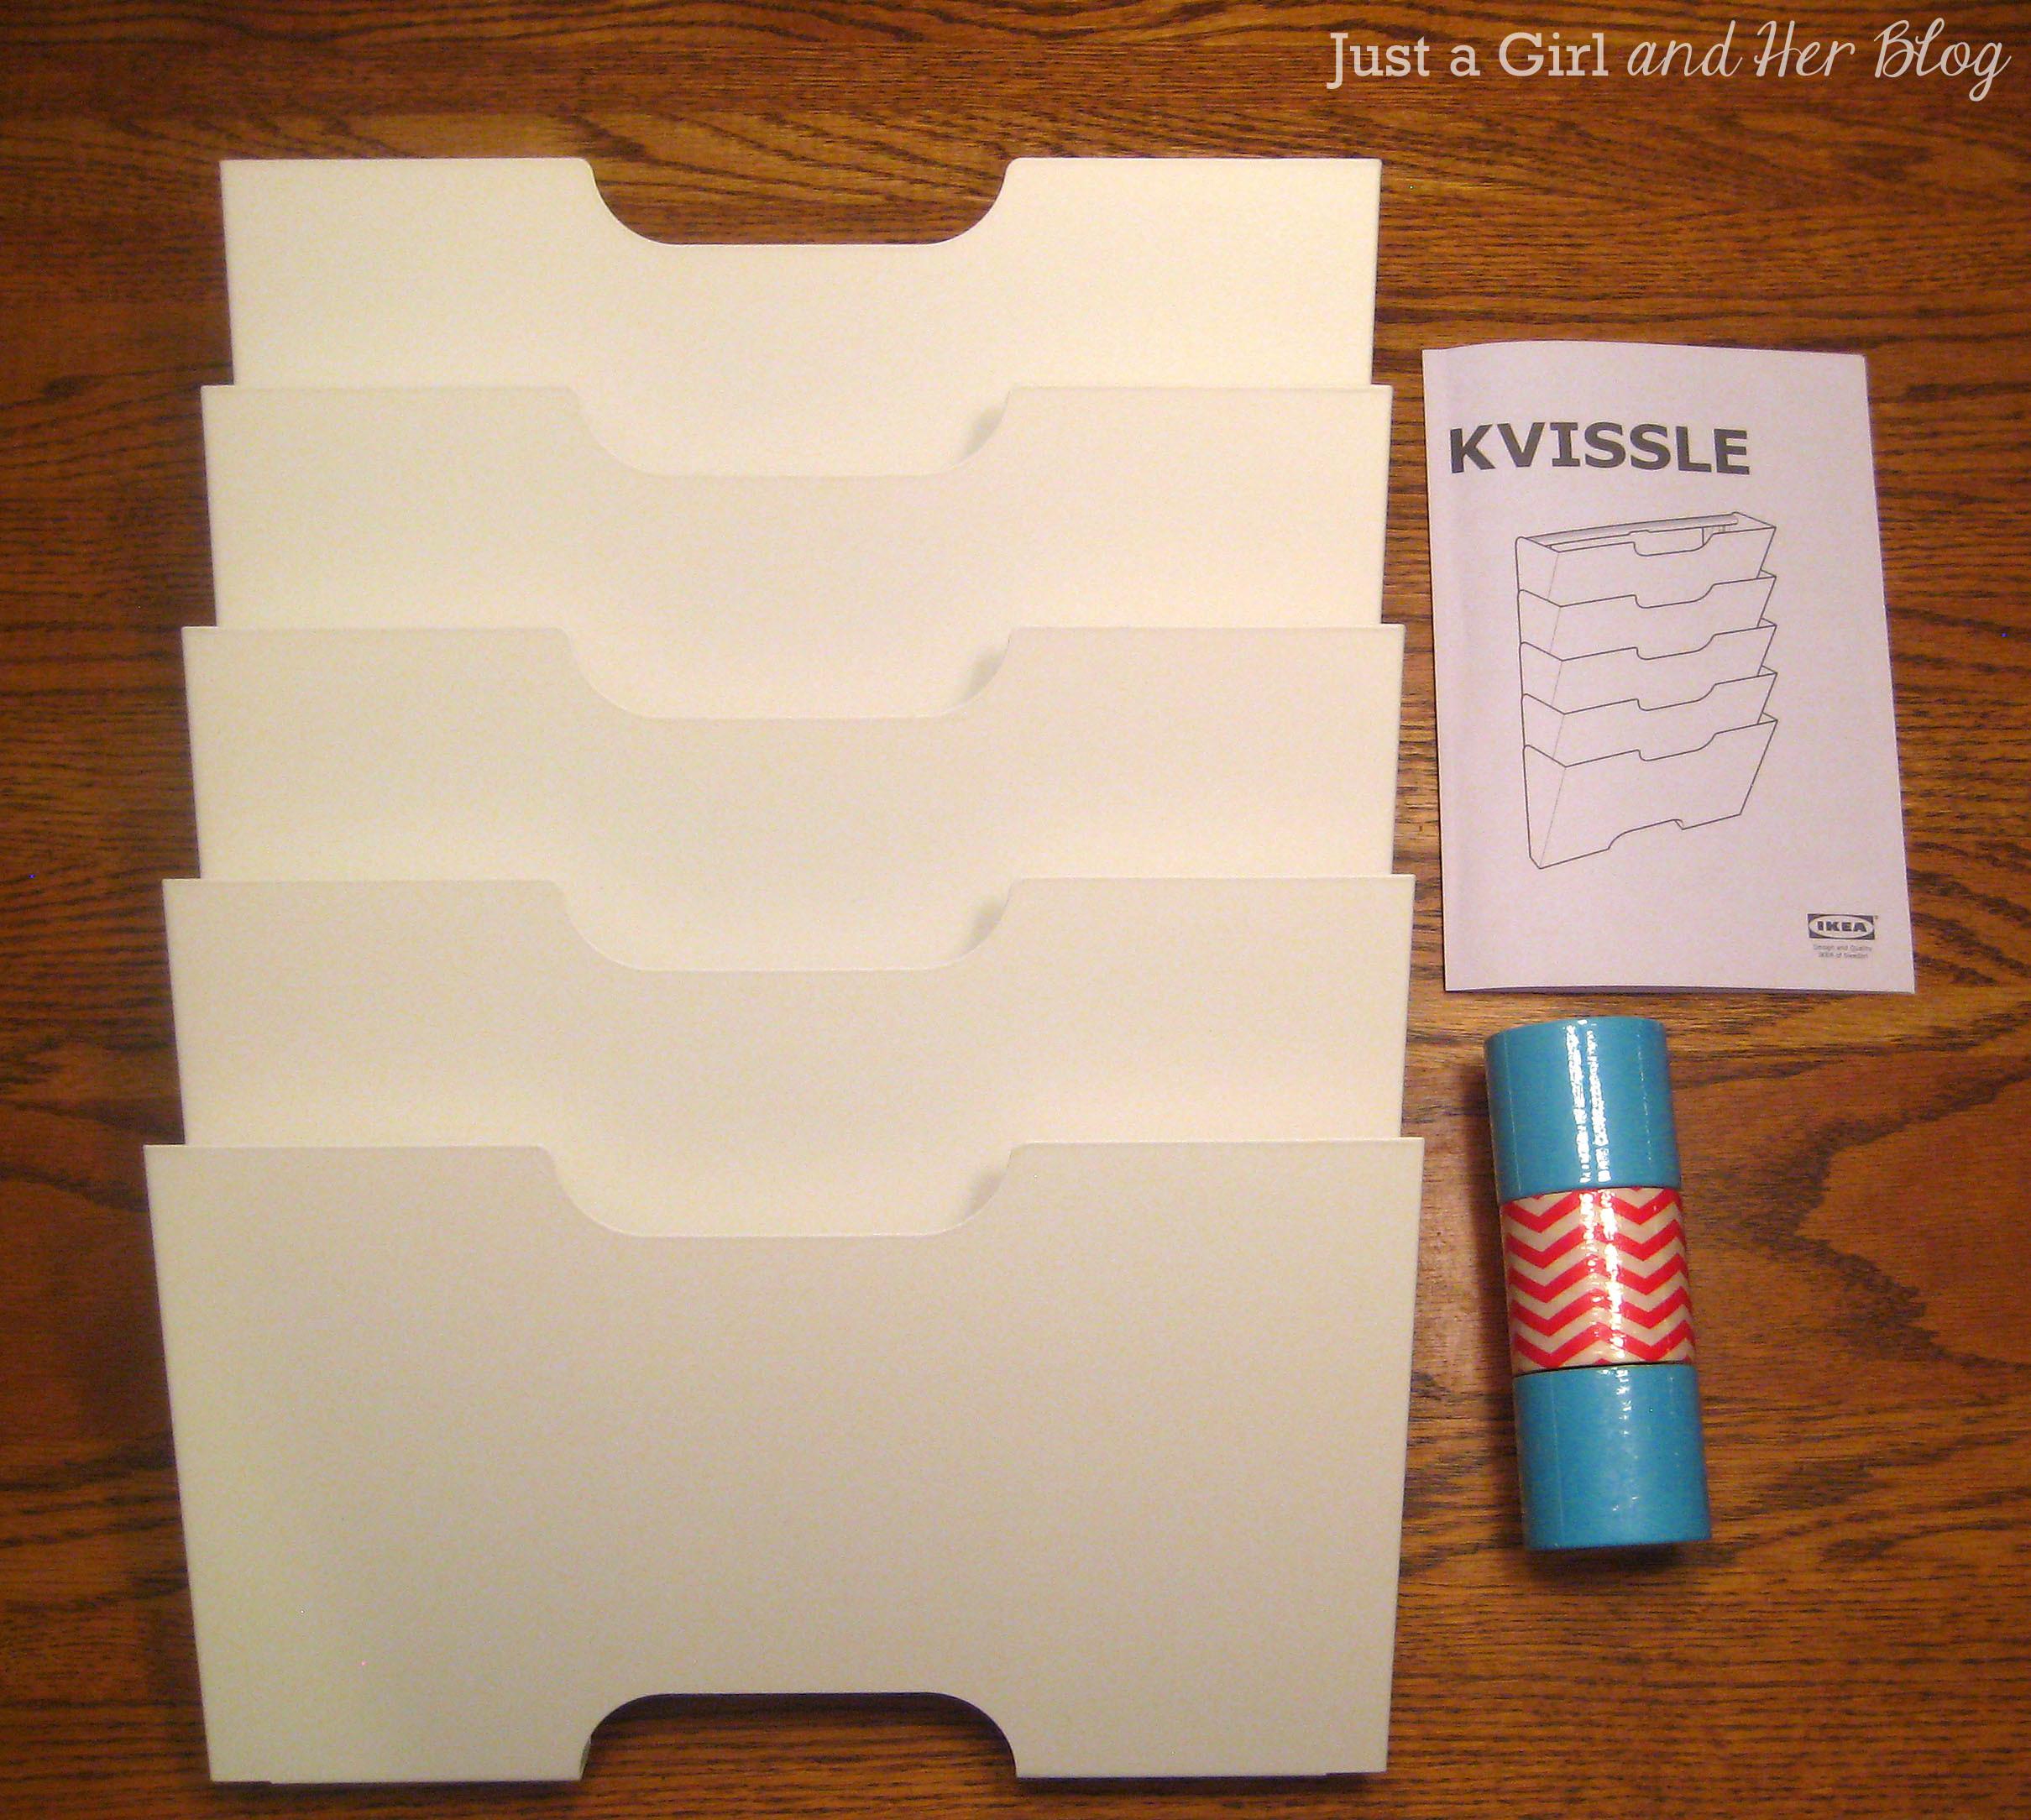 Best ideas about DIY Mail Organizer Cardboard . Save or Pin Diy Mail Organizer Cardboard DIY Unixcode Now.